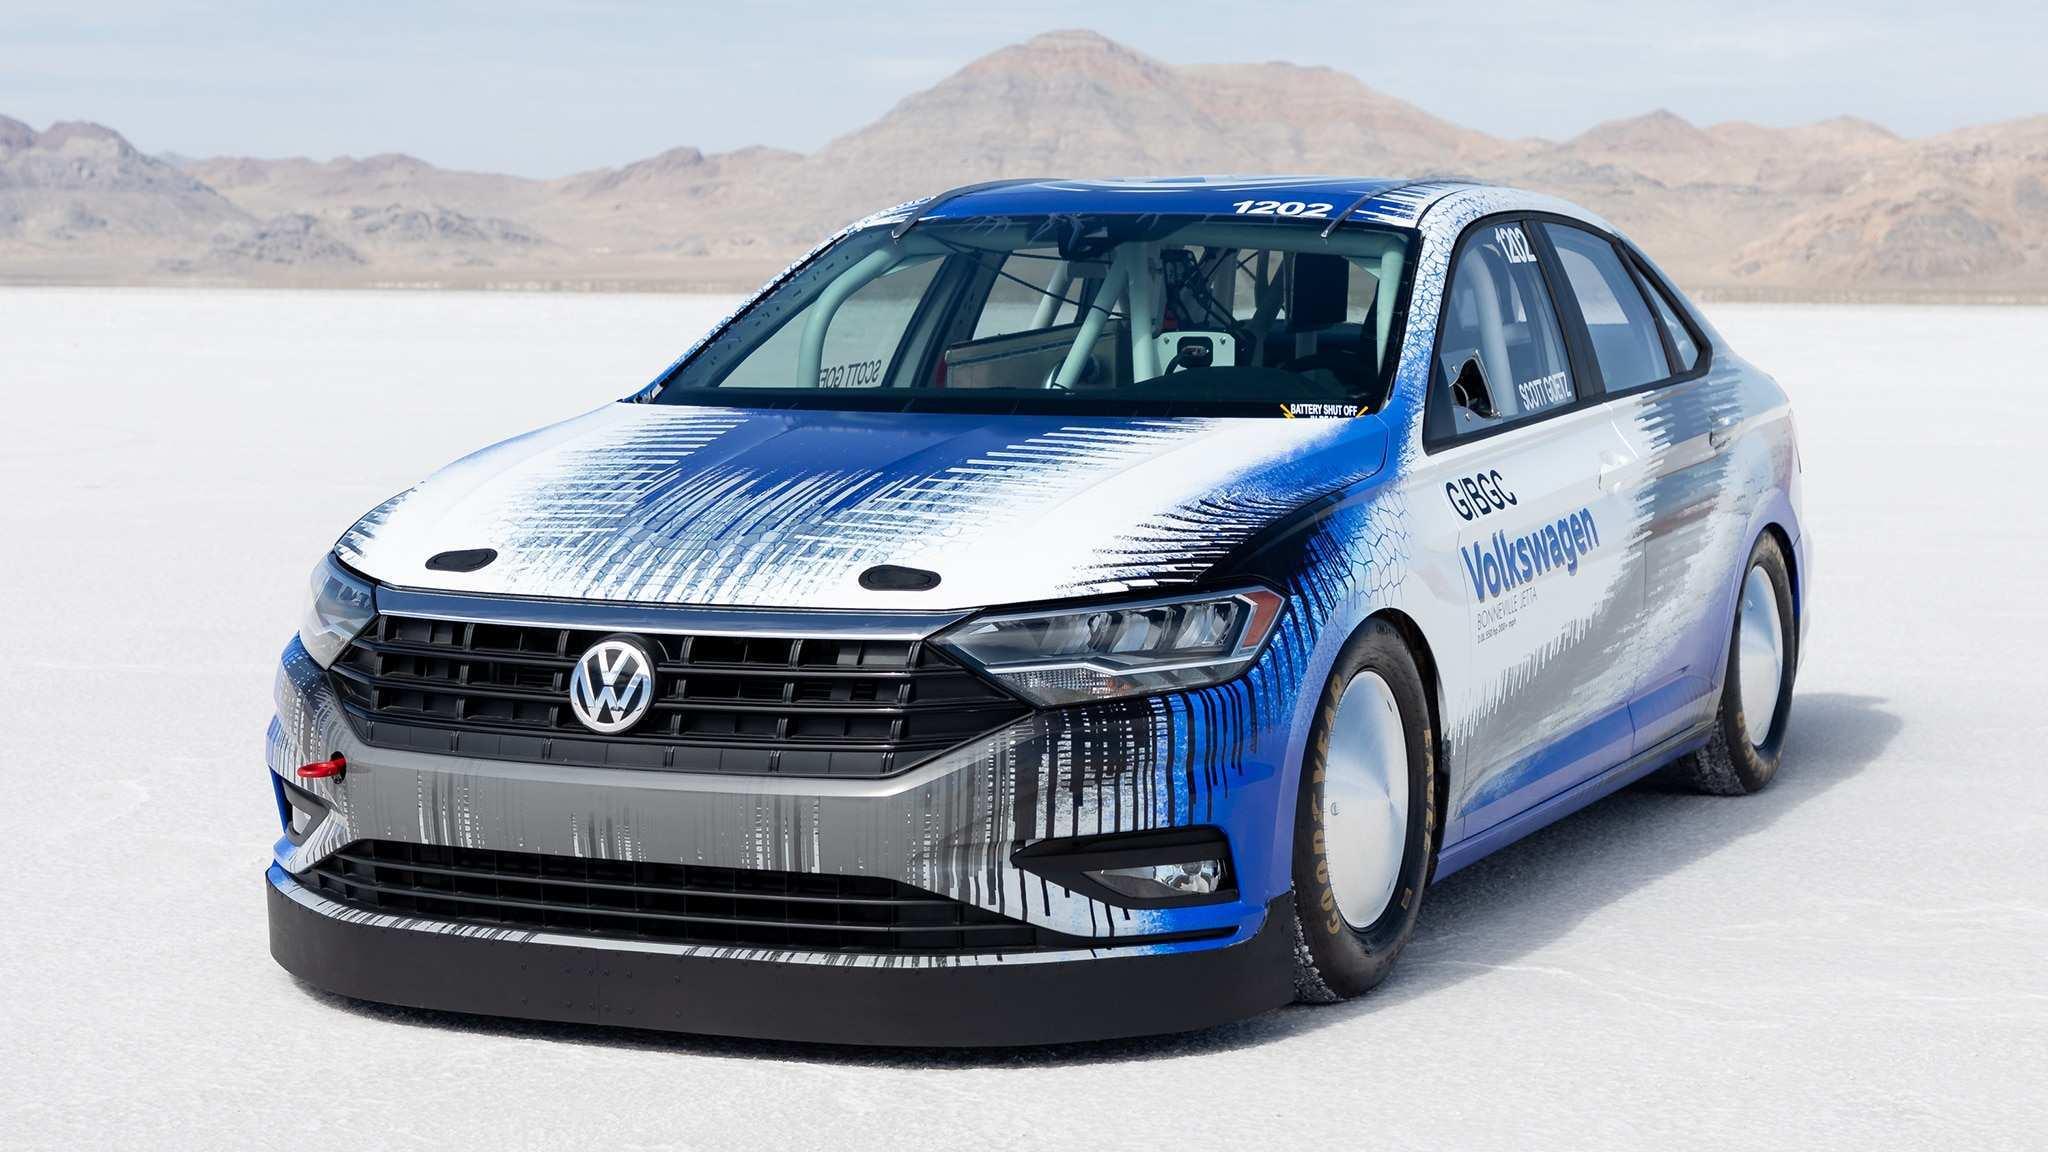 56 The Volkswagen Jetta 2020 Horsepower History for Volkswagen Jetta 2020 Horsepower